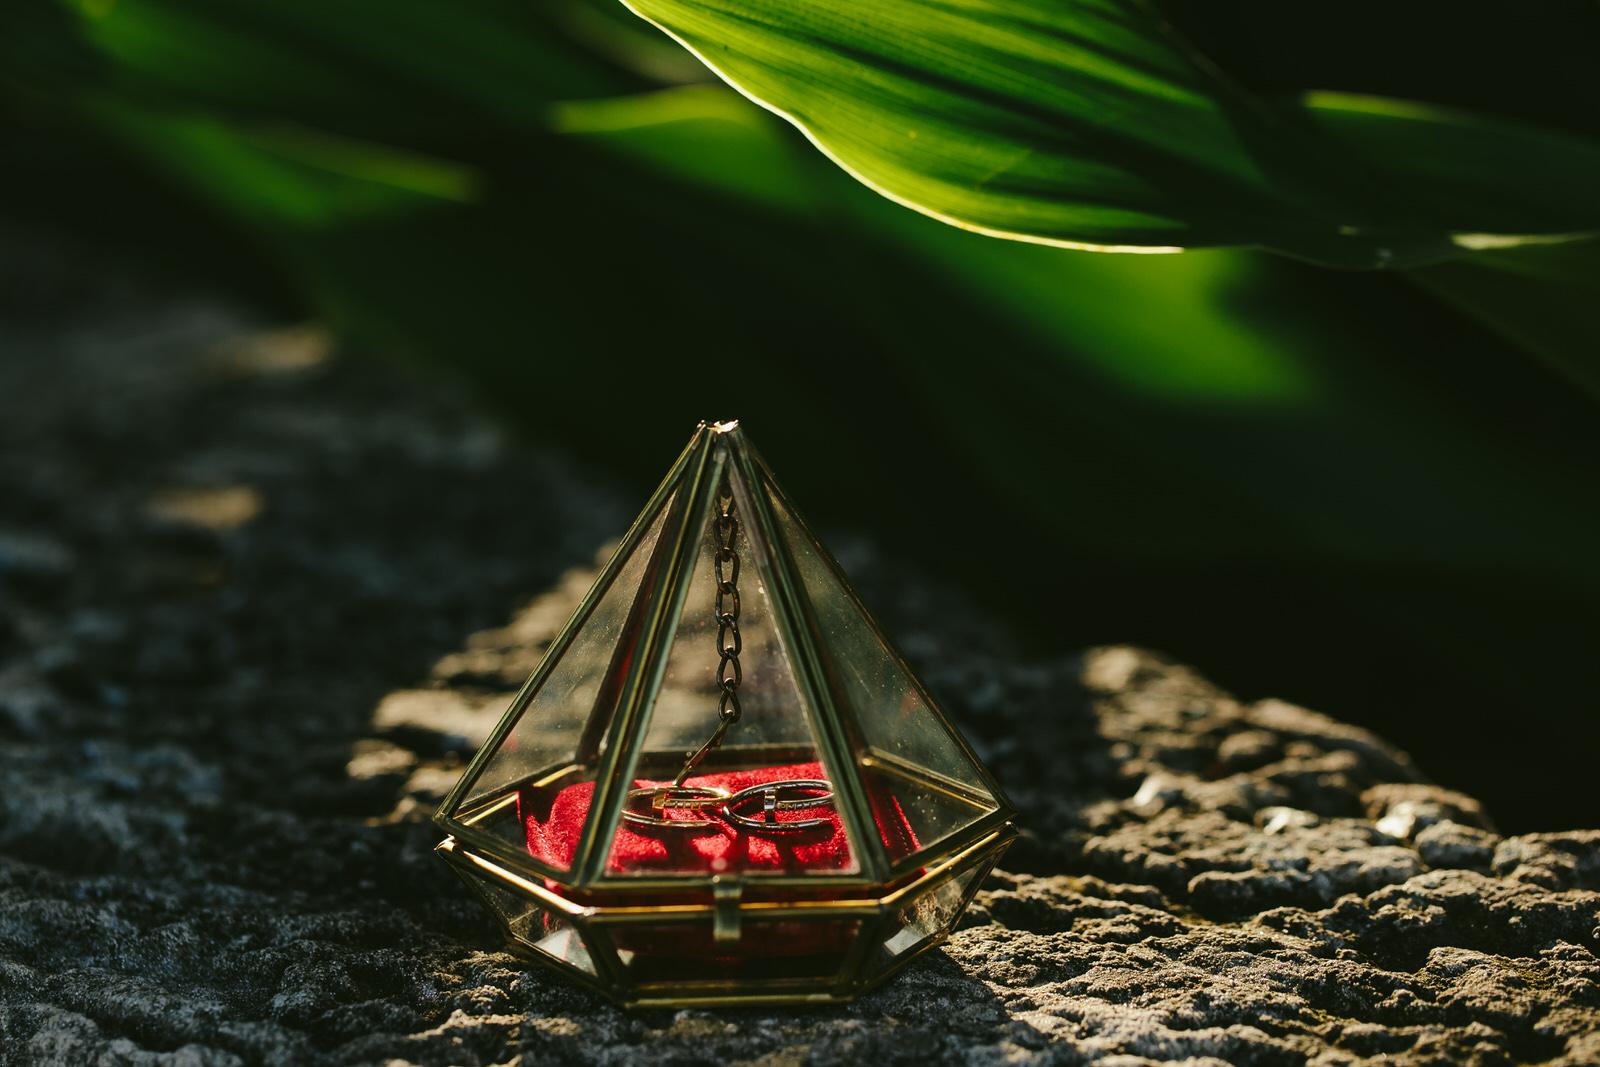 vizcaya_elopement_intimate_wedding_rings-6.jpg